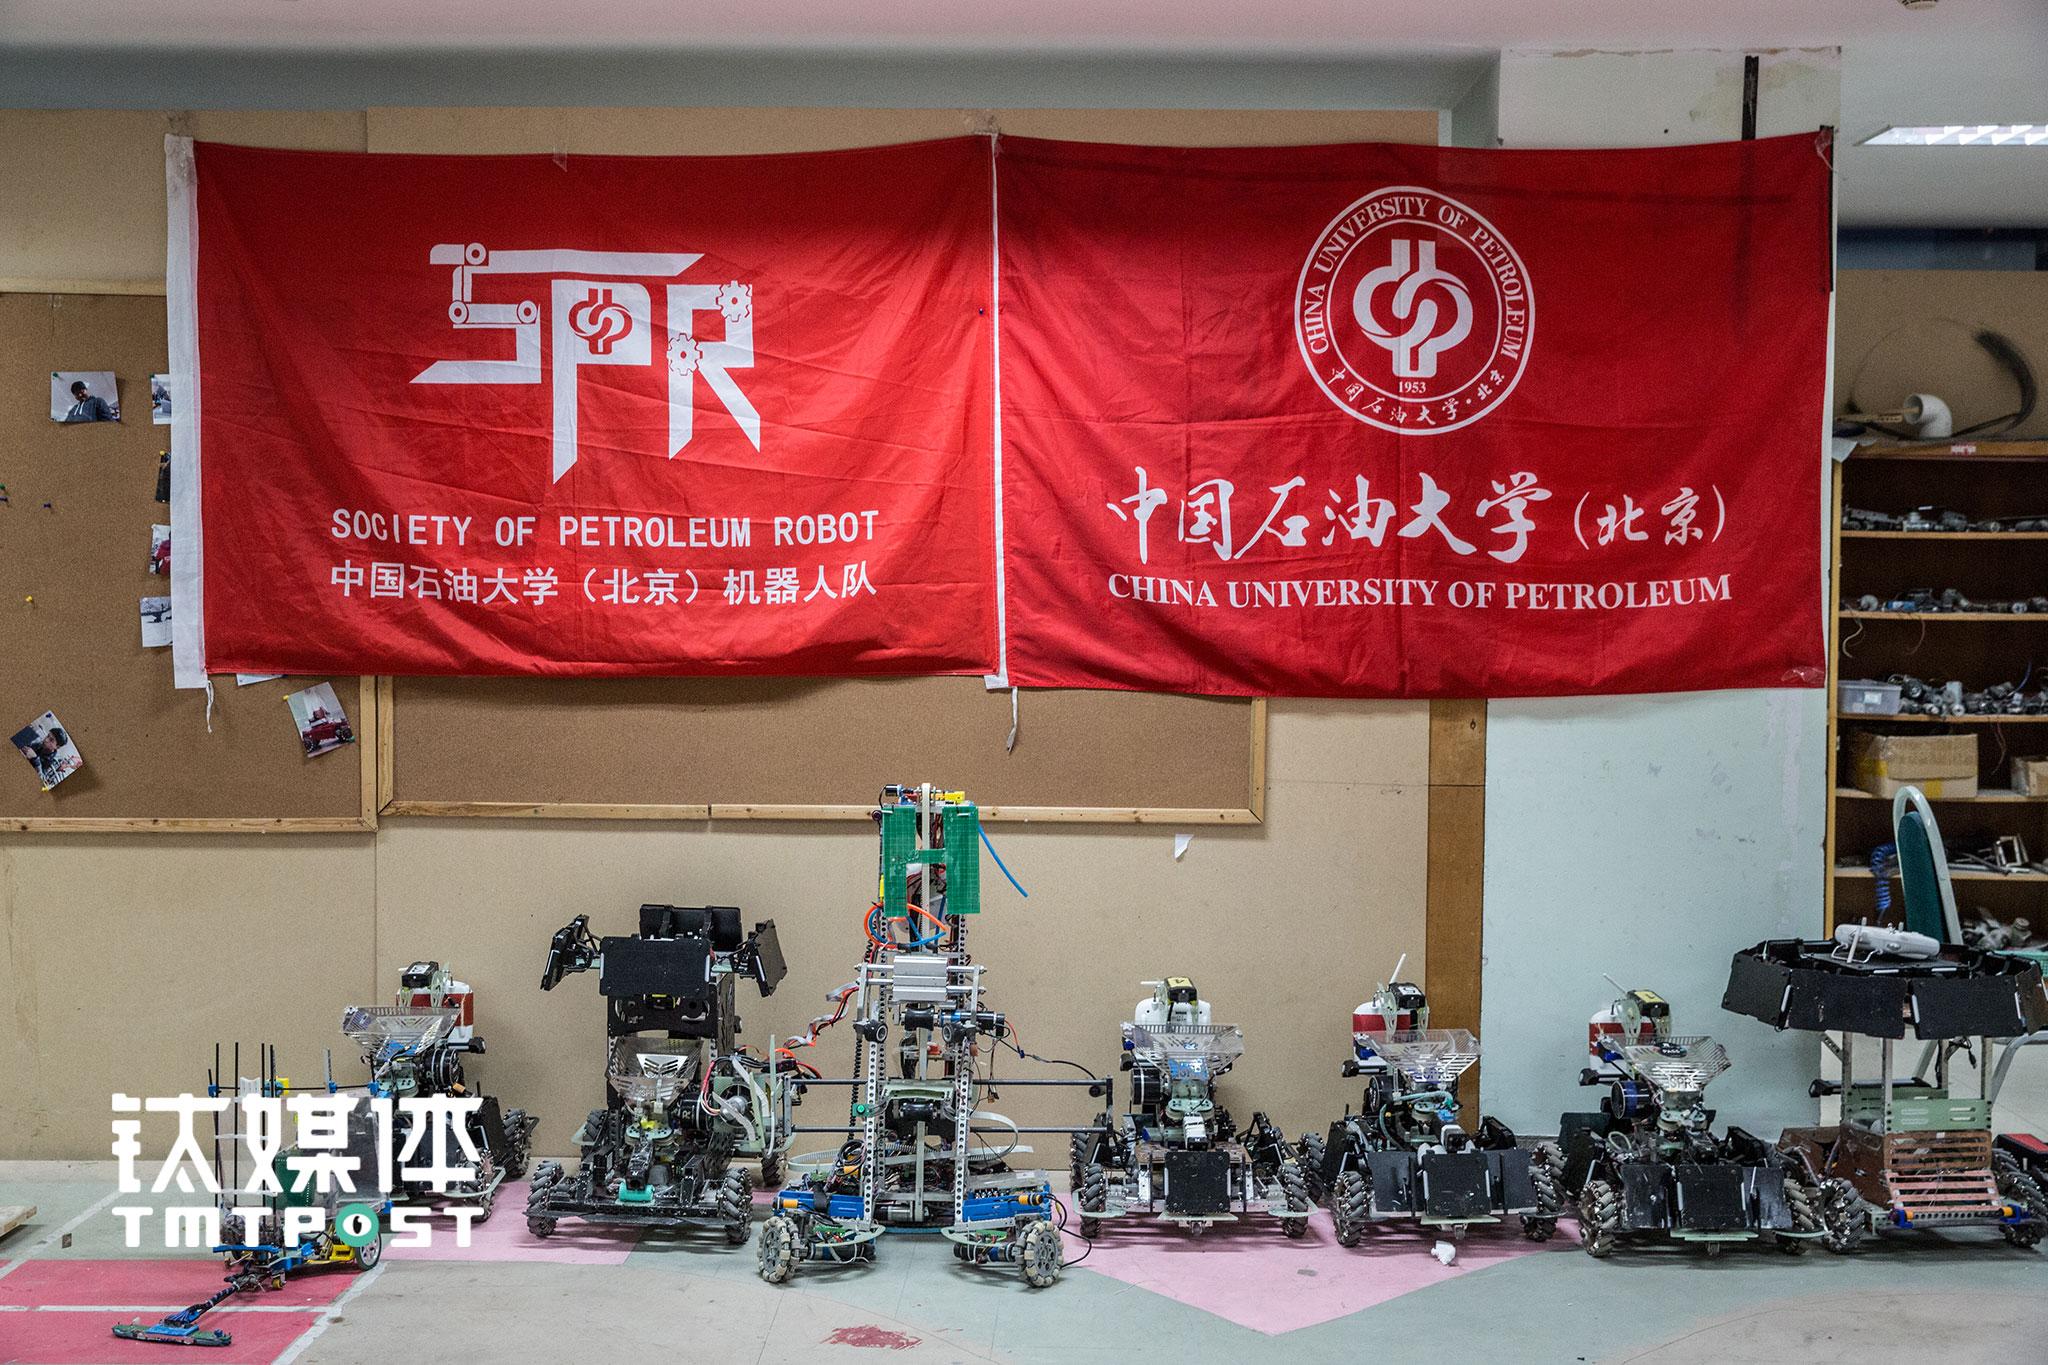 """在SPR""""服役""""并参加Robomasters2016机器人比赛的机器人。在Robomasters中,比赛双方战队由步兵、英雄、基地组成,在一个封闭且""""地形复杂""""的场馆中展开""""实弹""""对抗,战队中的机器人则由操控室中的操控手以类似CF的第一人称视角控制。"""